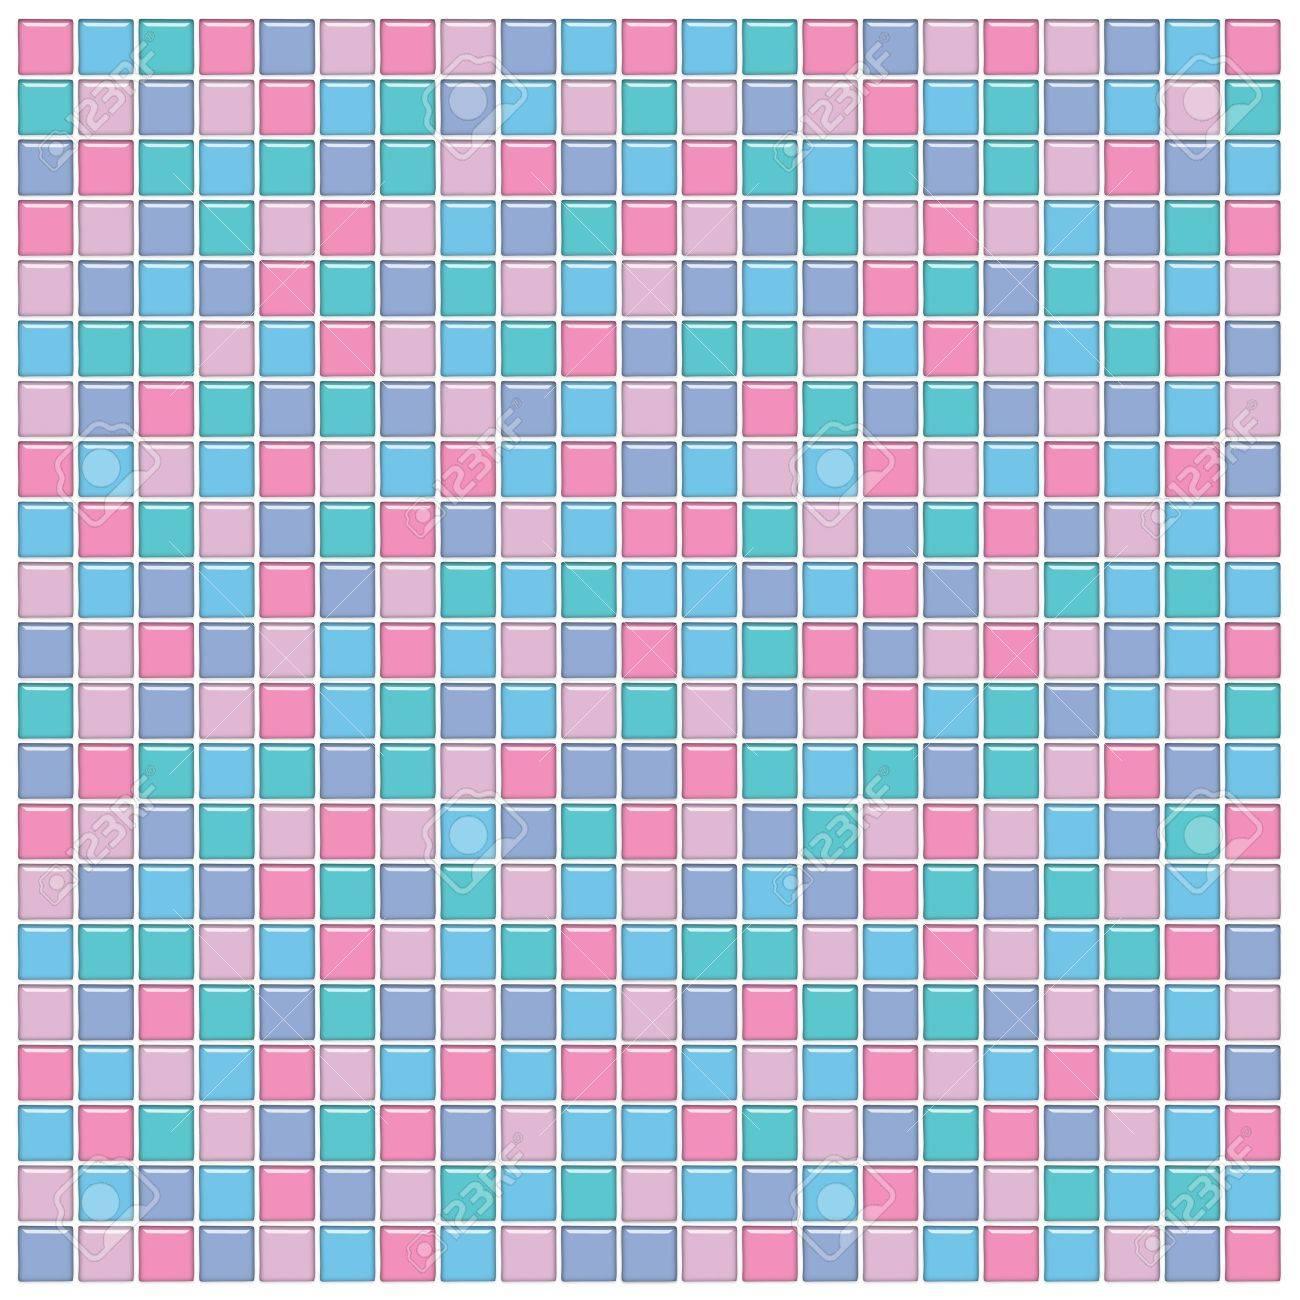 Piastrelle Bagno Mosaico Viola bagno con muro rosa, blu, verde e viola mosaico piastrelle di vetro